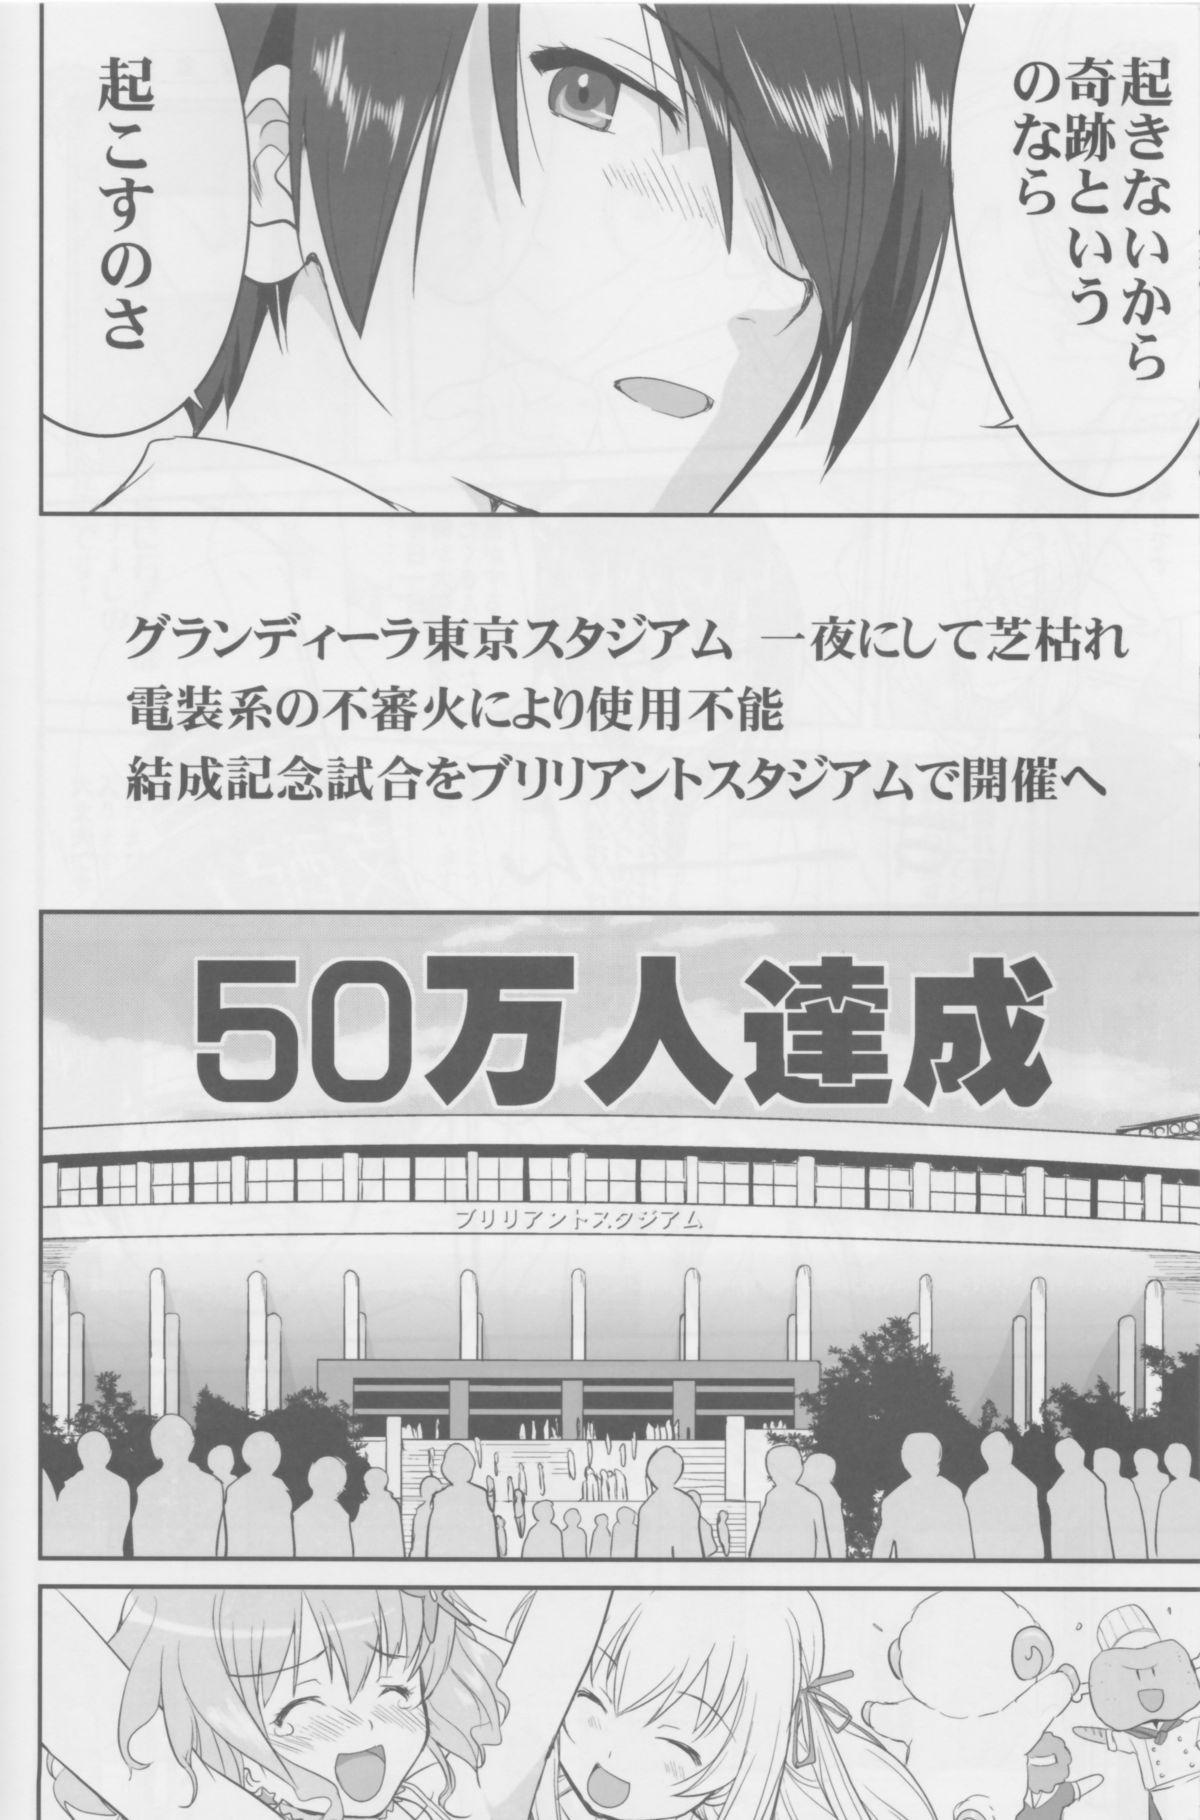 Amagi Strip Gekijou 50